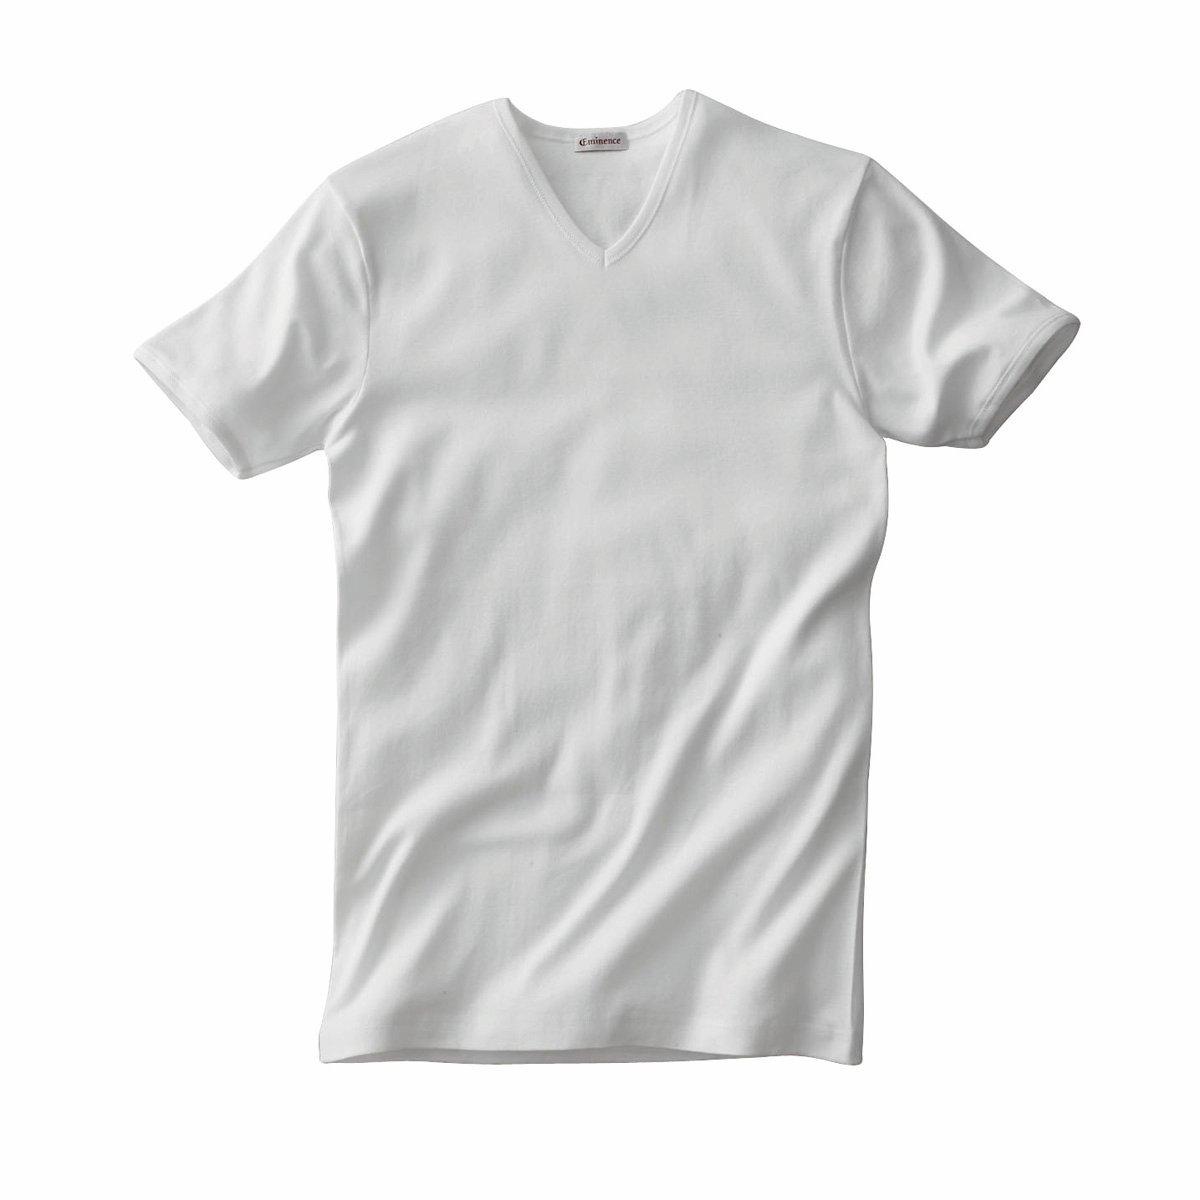 Комплект из 2 футболок EMINENCE с V-образным вырезом и короткими рукавами от La Redoute